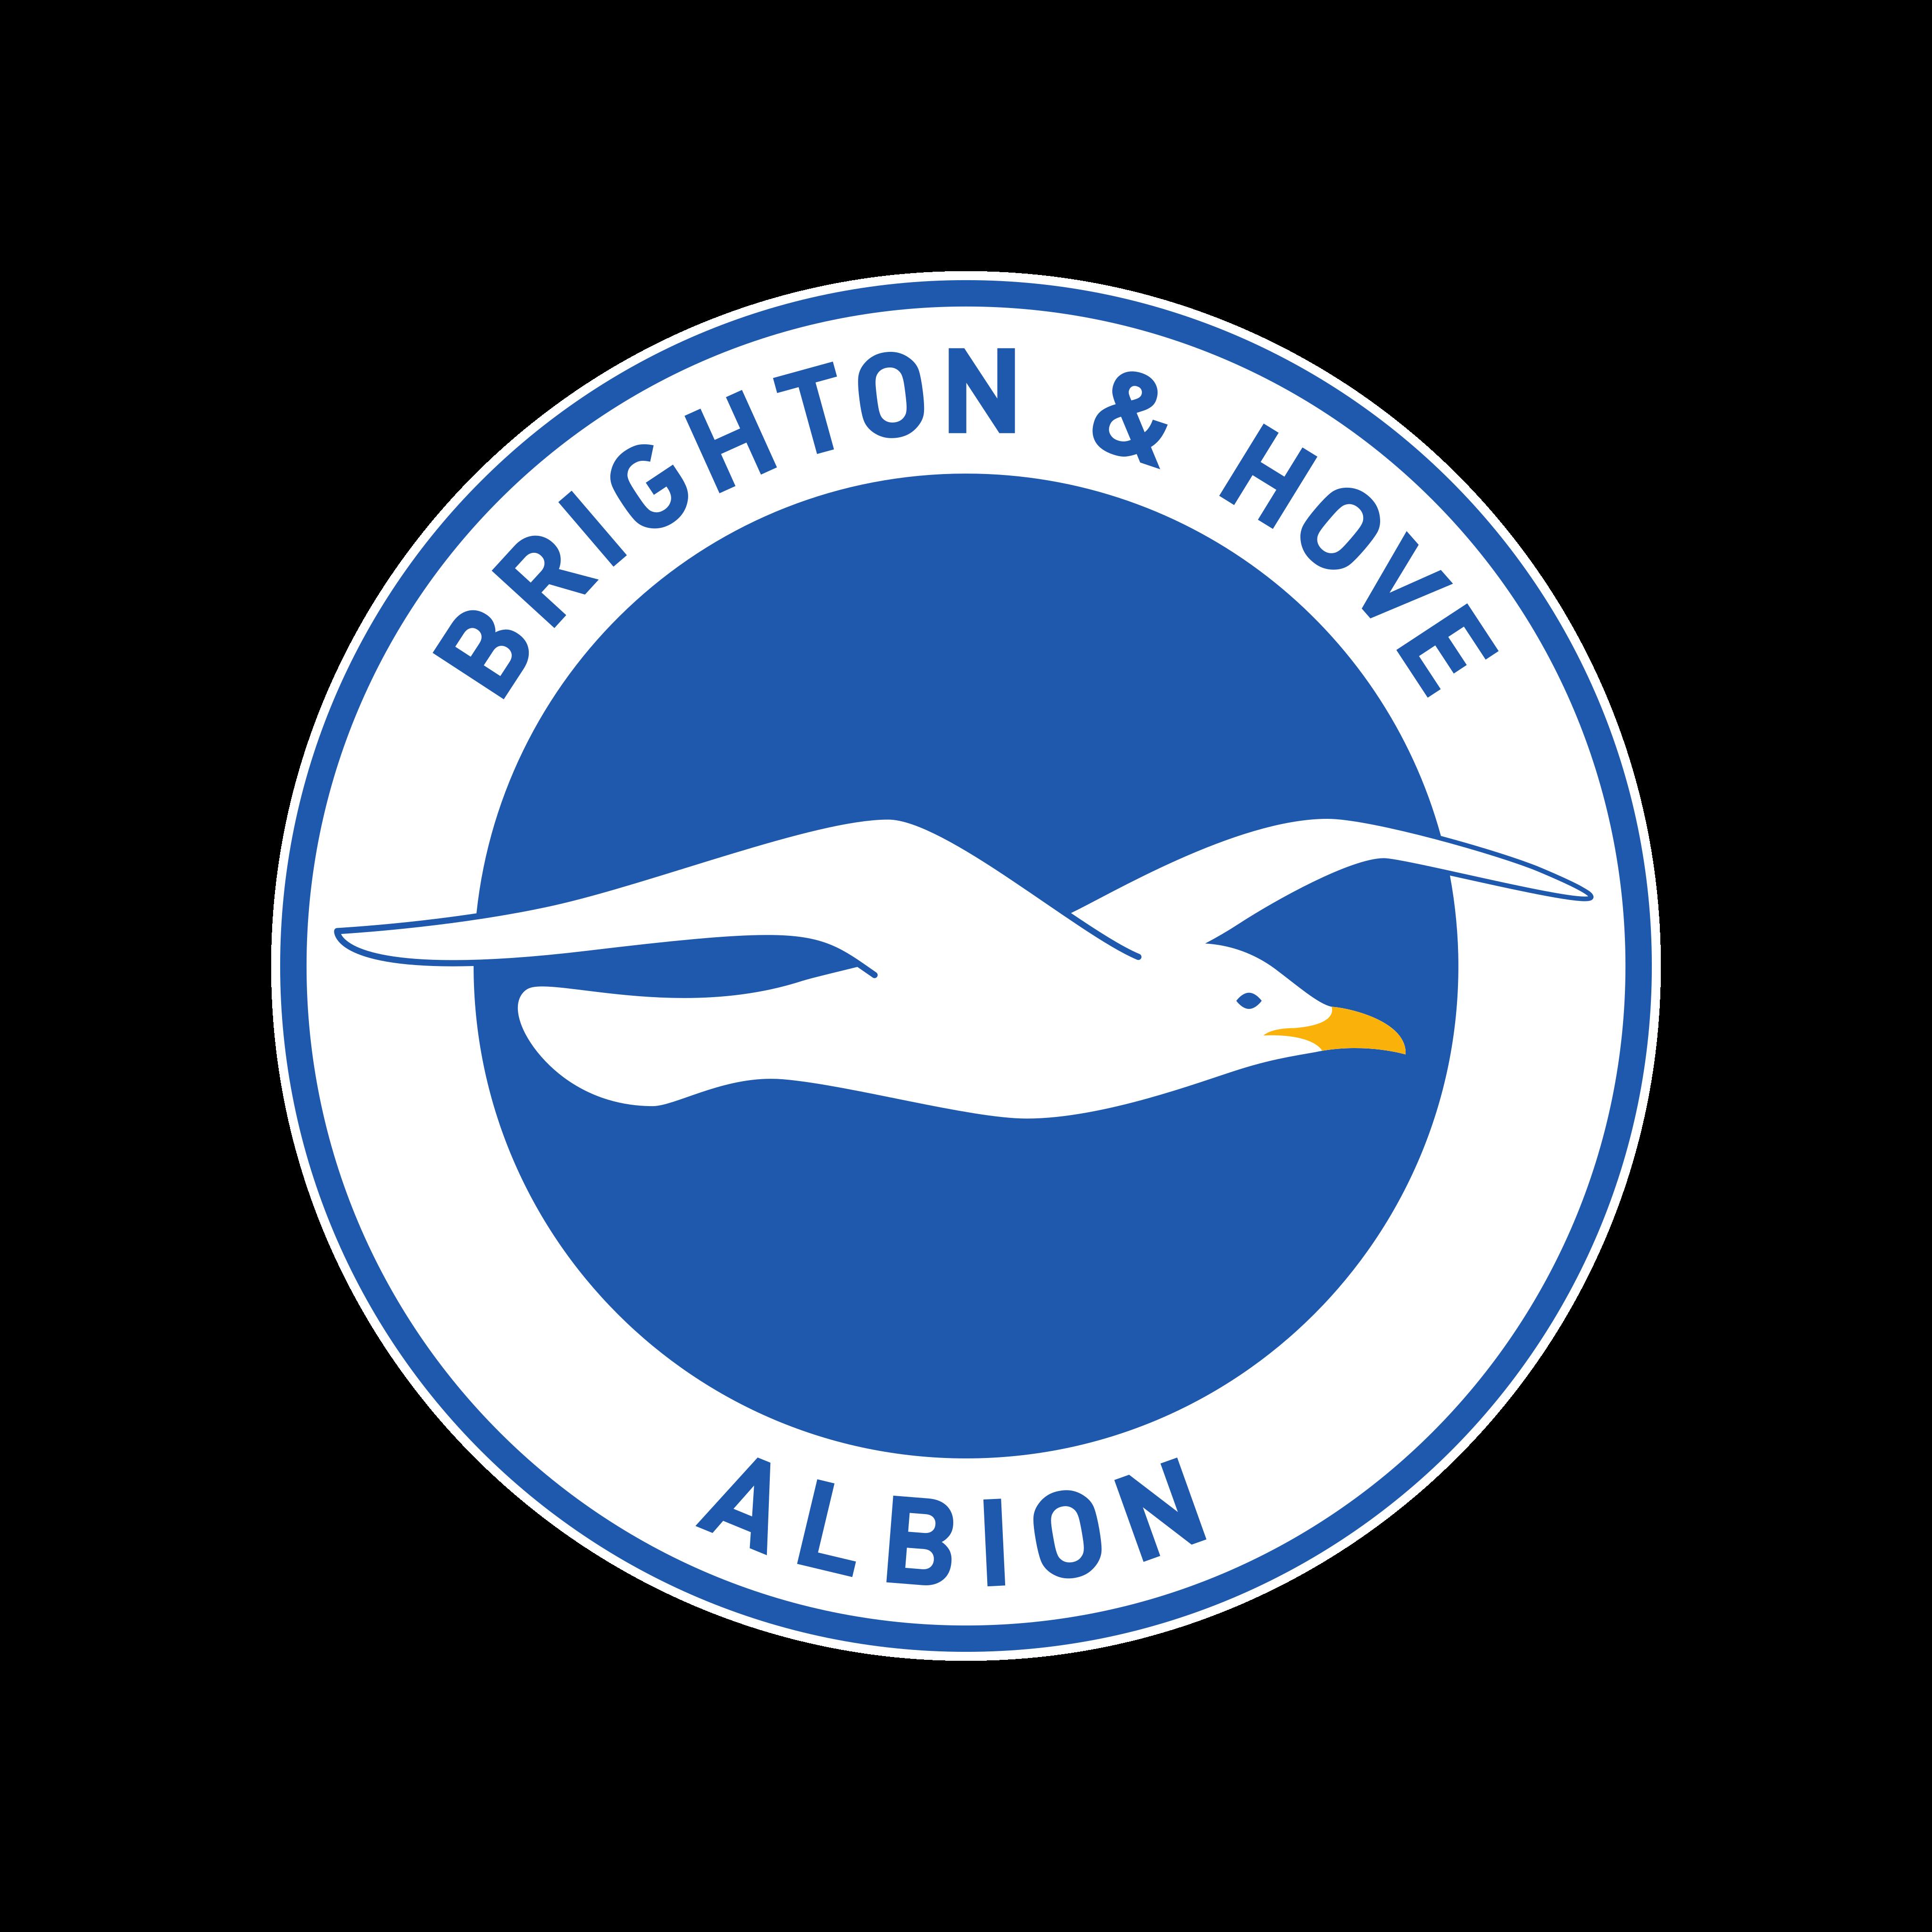 brighton hove albion logo 0 - Brighton & Hove Albion FC Logo